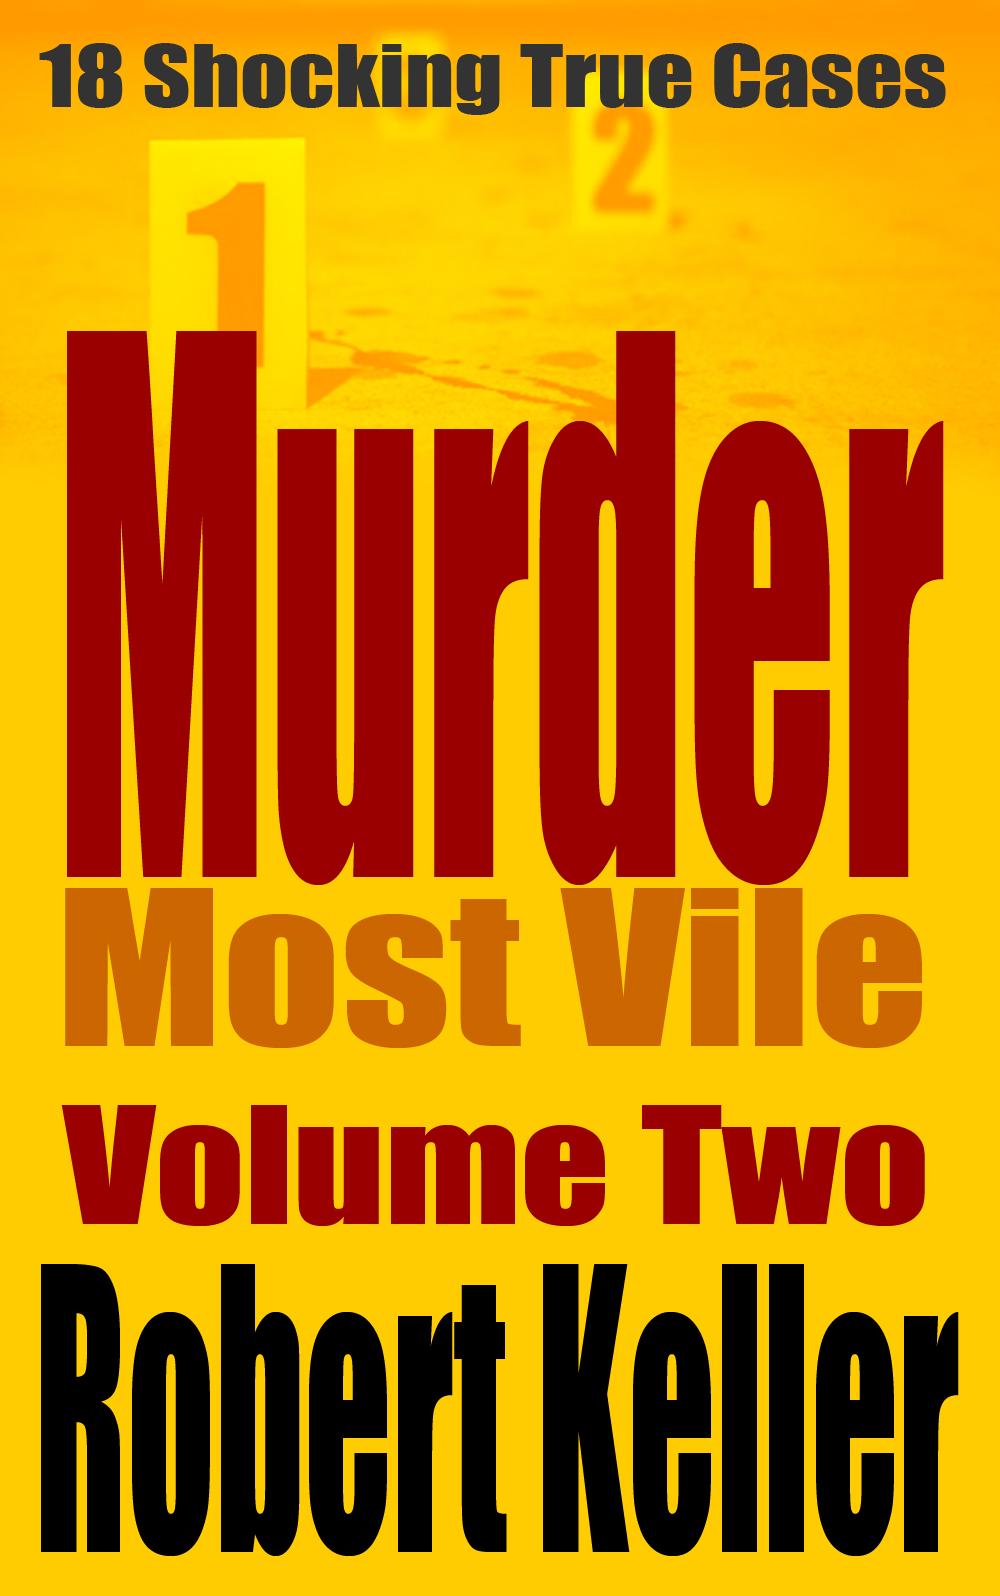 Keller On The Loose: Murder Most Vile Volume 2